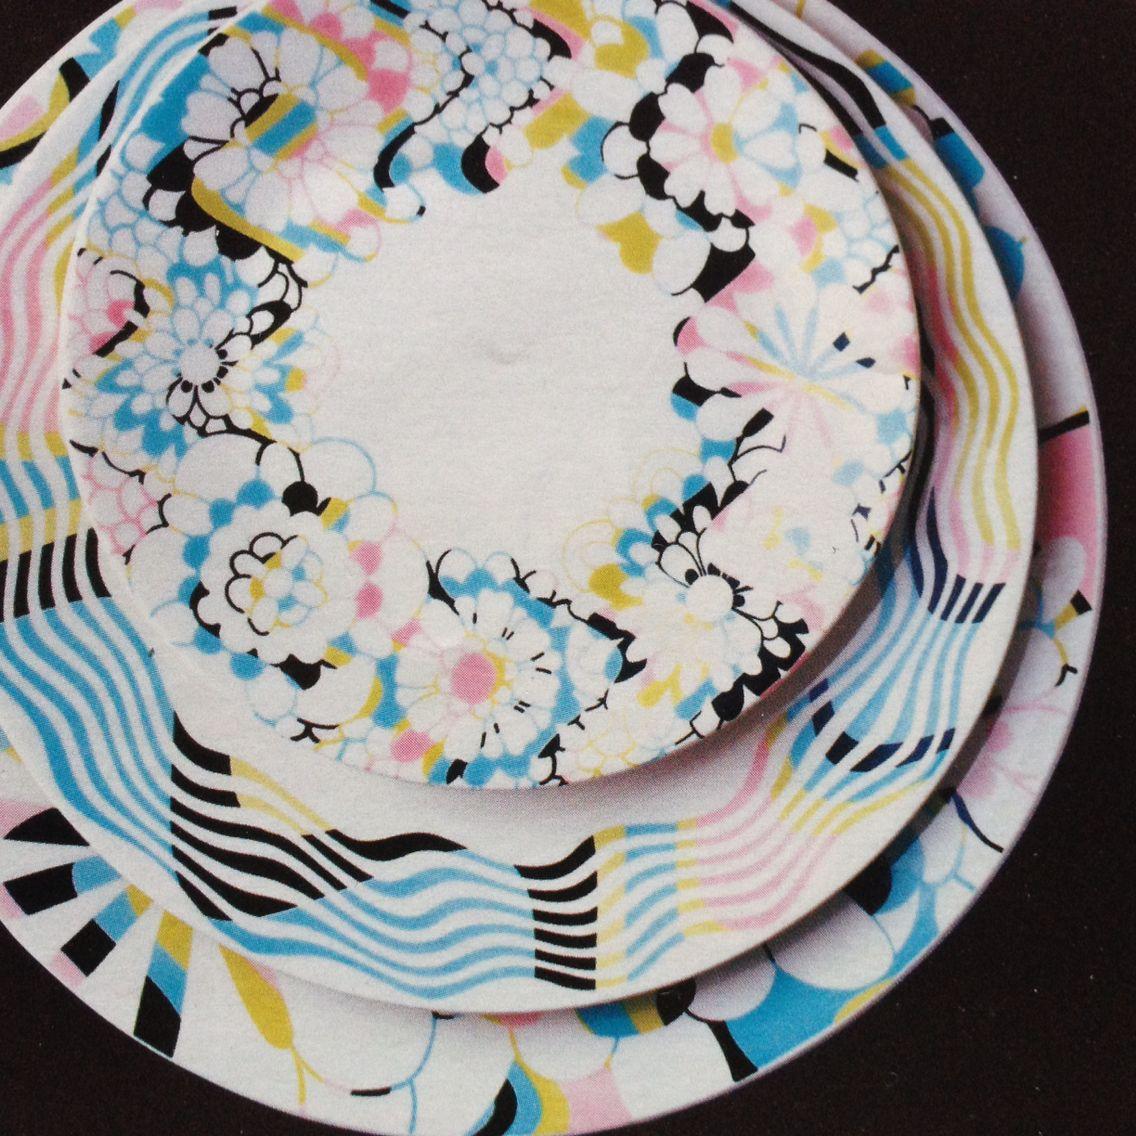 Missoni - Jennifer tableware & Missoni - Jennifer tableware | Kitchen and Tabletop | Pinterest ...